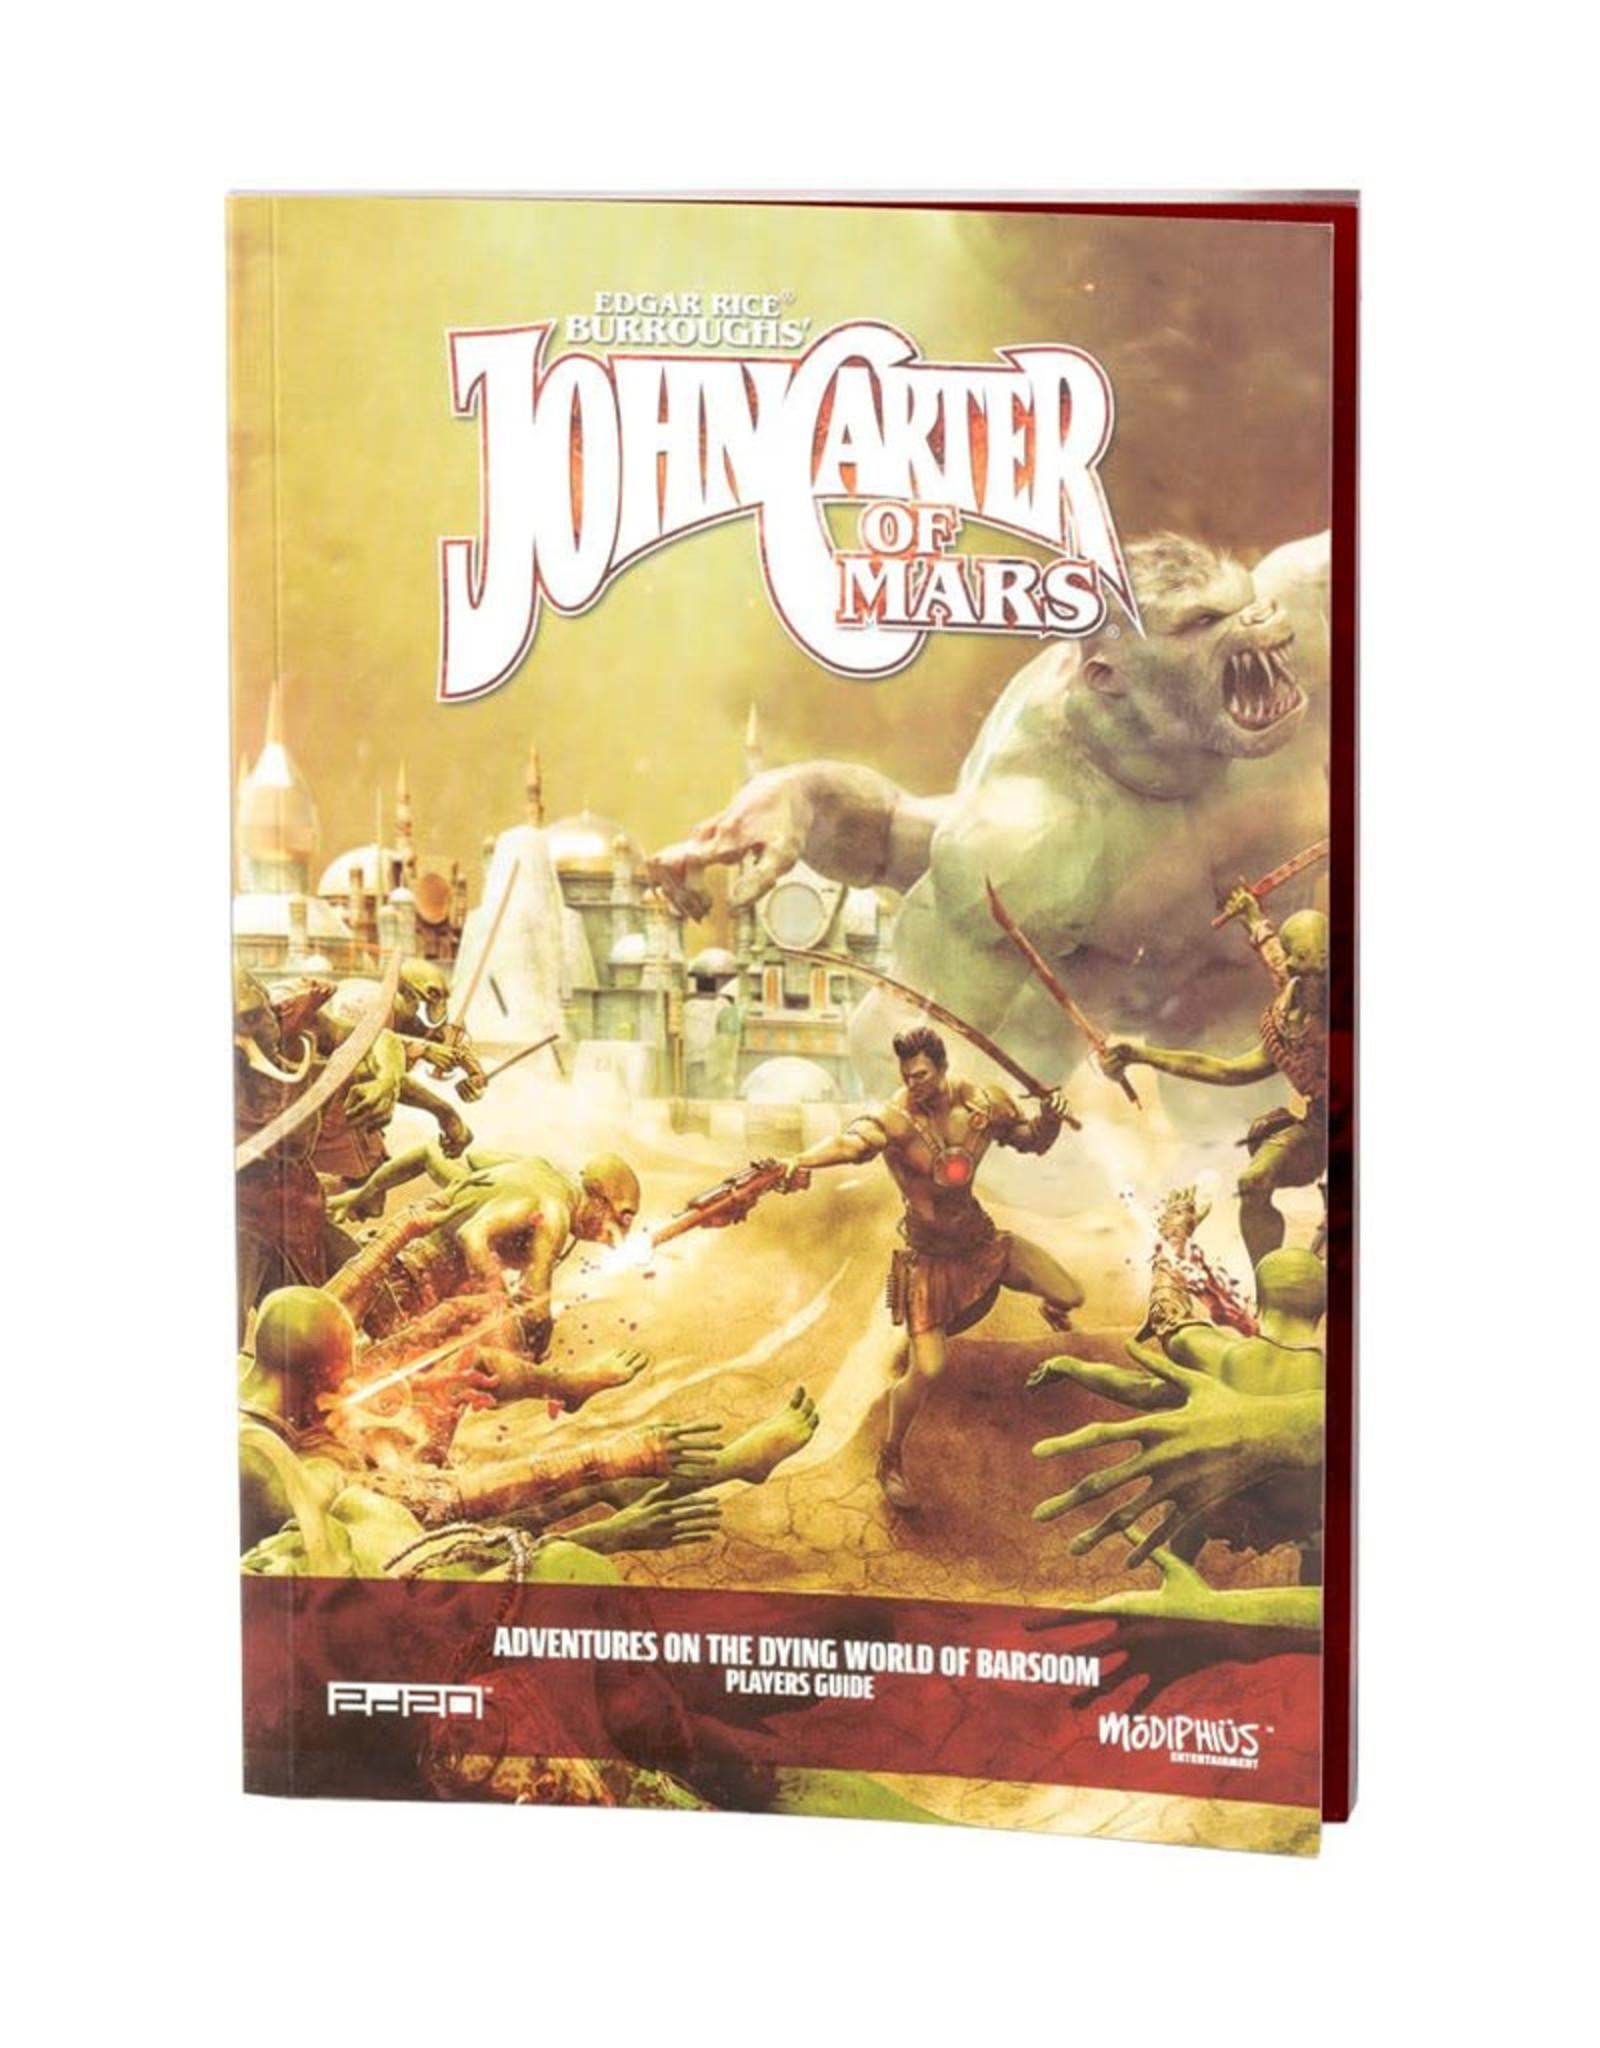 Modiphius John Carter Of Mars RPG: Adventure on the Dying World of Barsoom